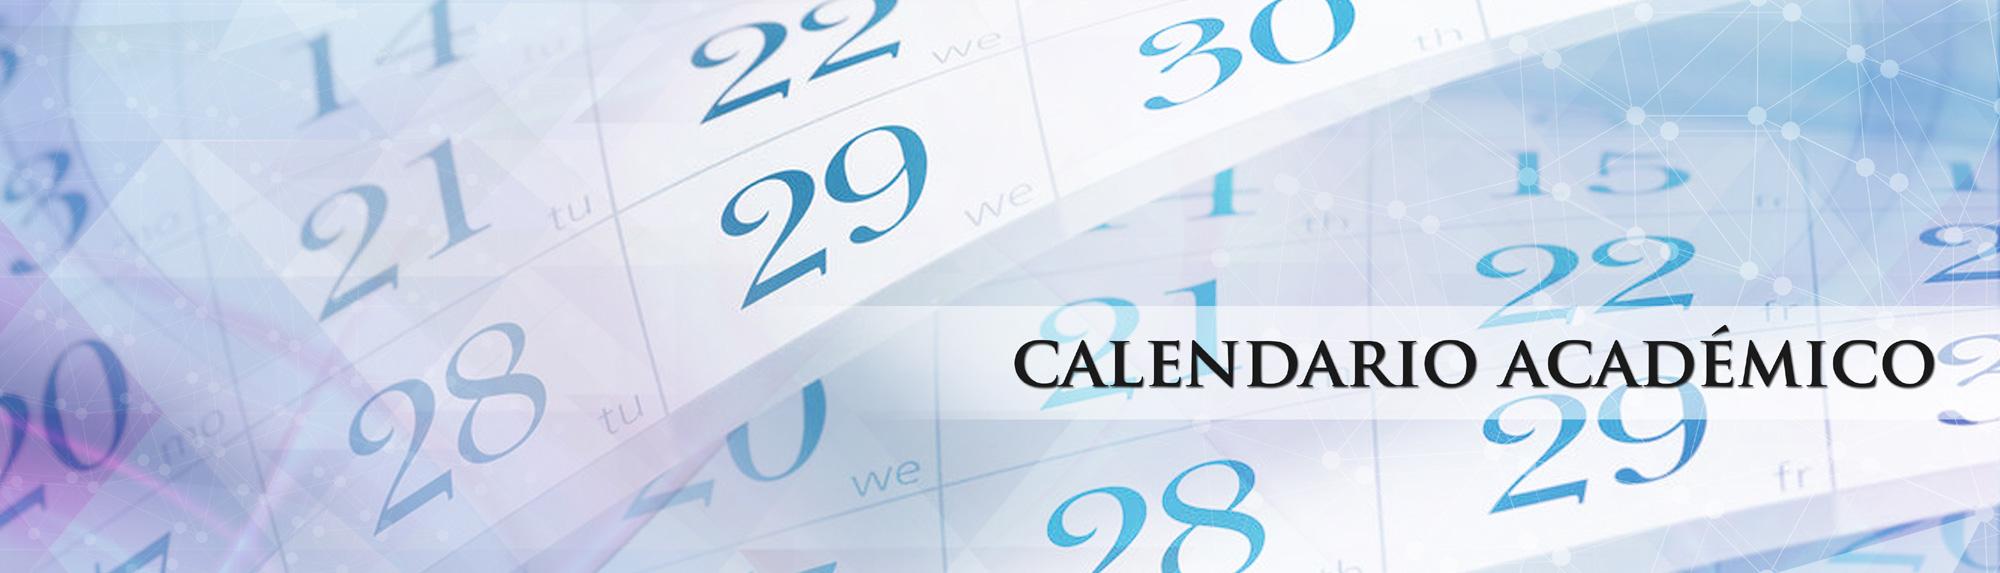 ucb_calendario_academico_fi